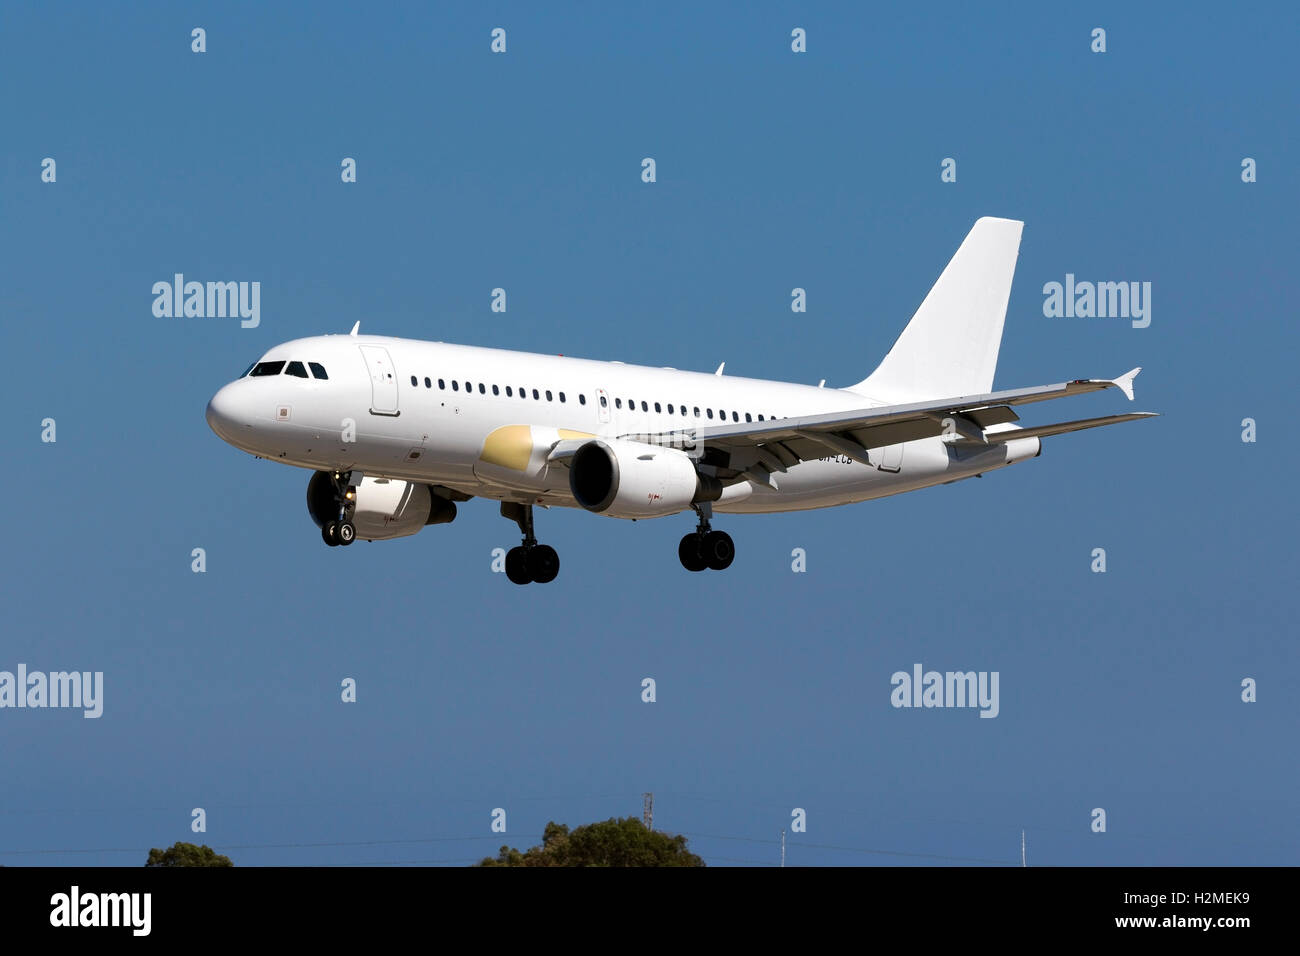 Hyperion la aviación Airbus A319-111 [9H]-LCB llegar pista 31 en todos los colores blanco, con algunos paneles Imagen De Stock